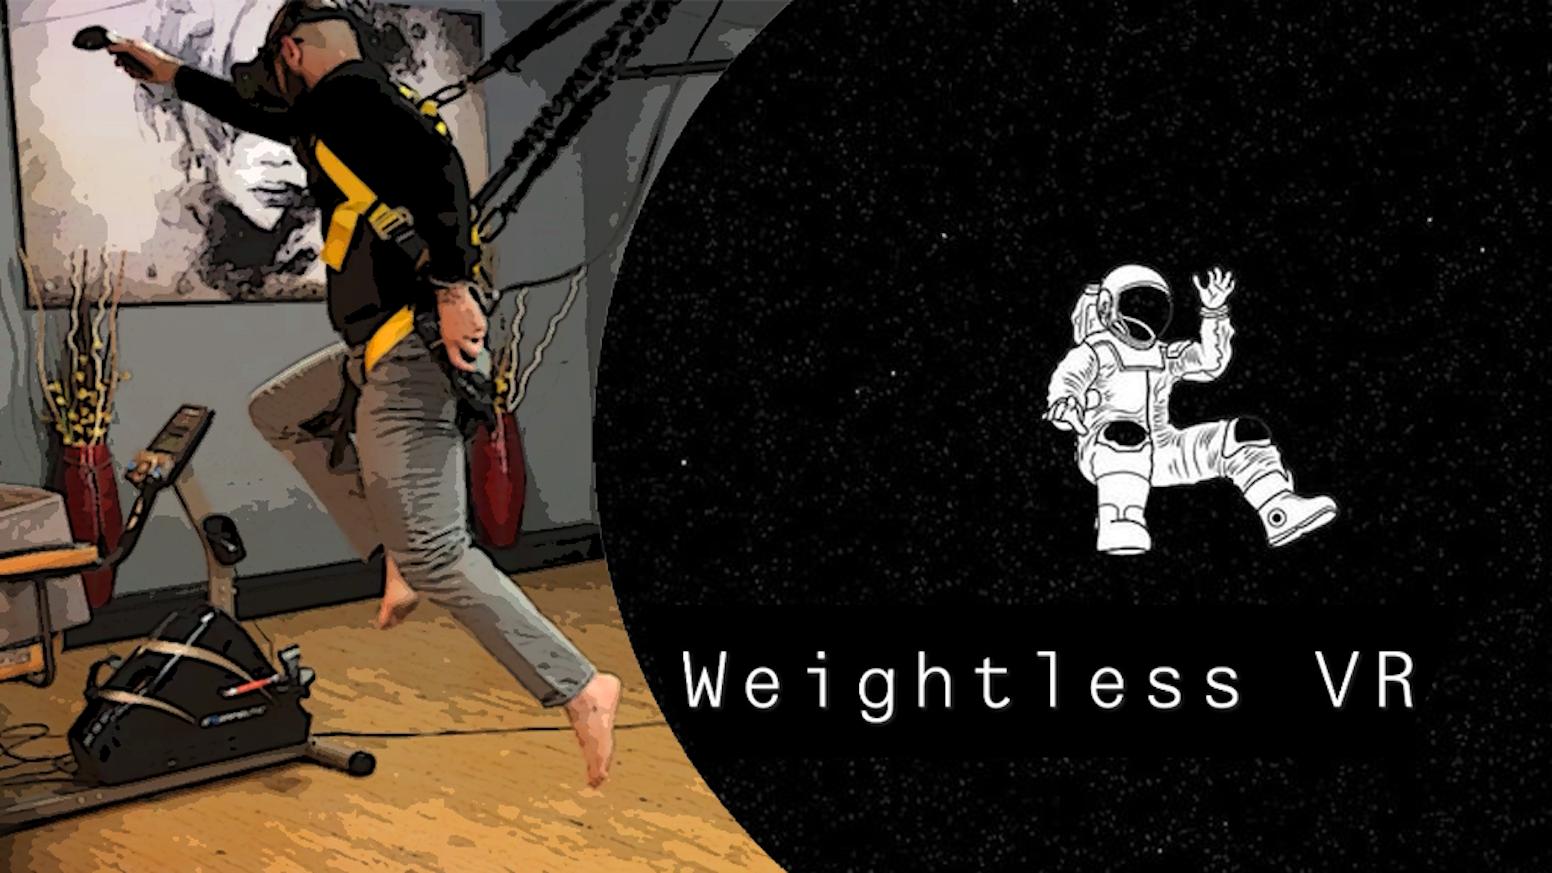 Weightless VR